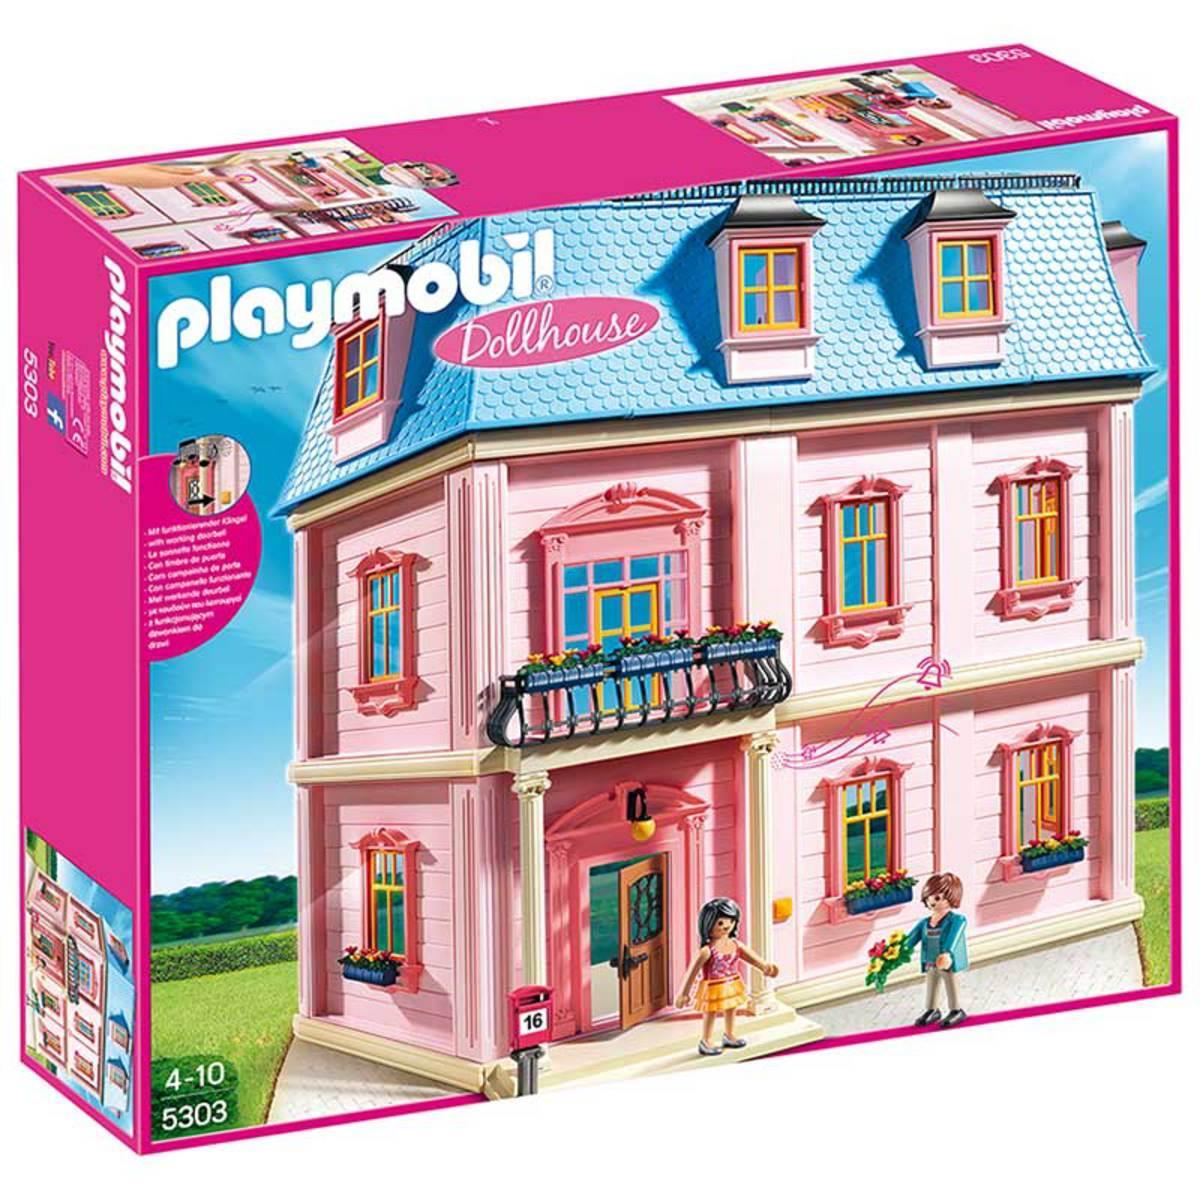 selection de playmobil en promo - Ex : Playmobil 5303 - Maison Traditionnelle